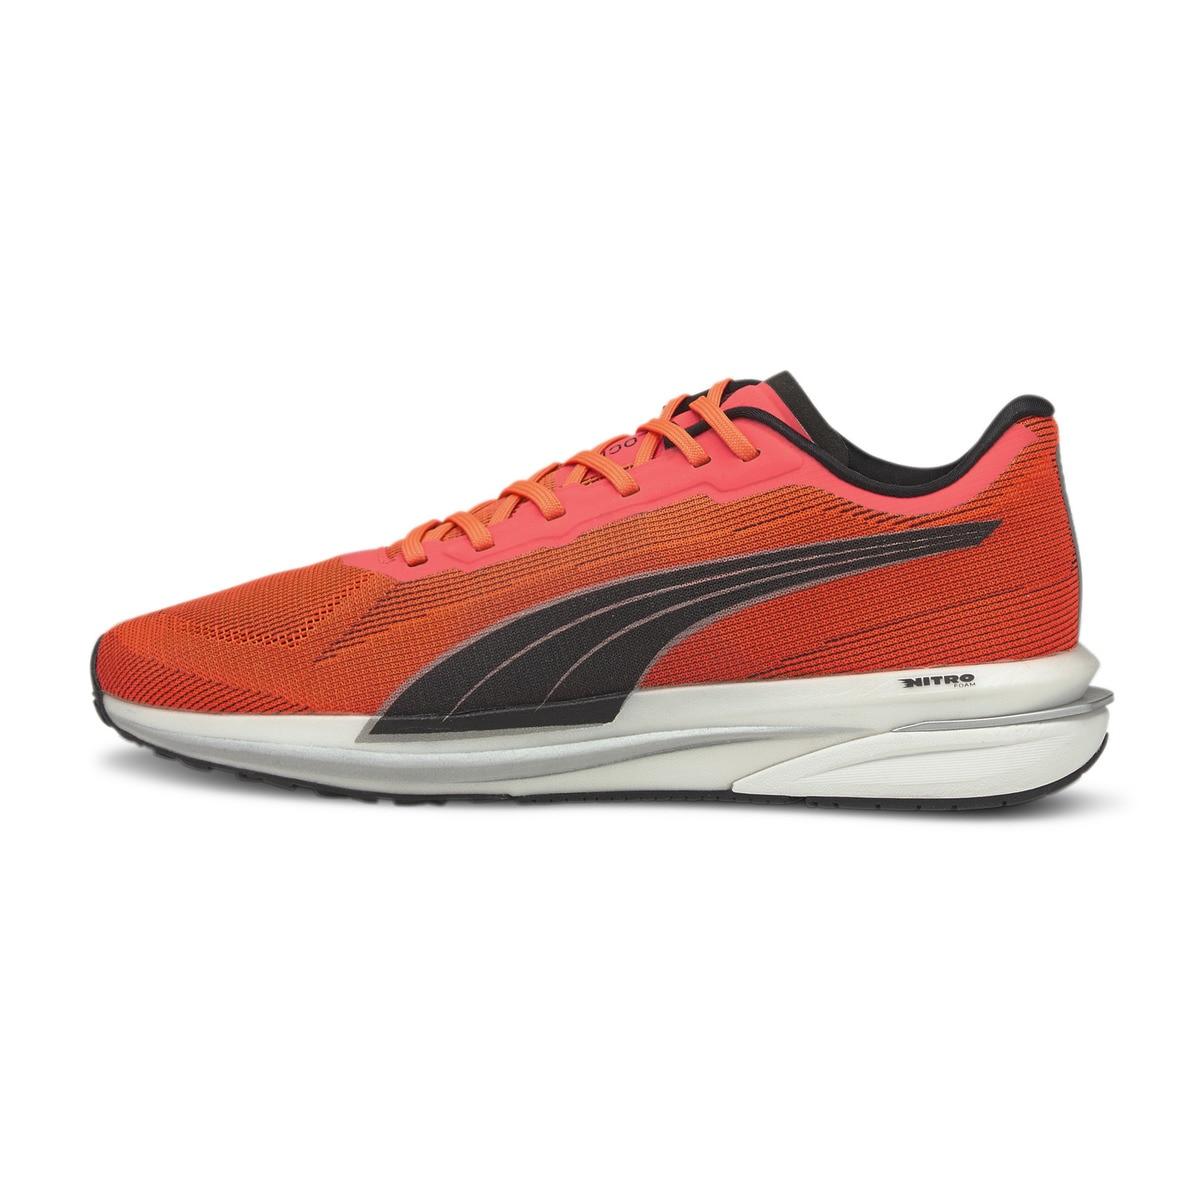 Zapatillas de running de mujer Velocity Nitro Puma